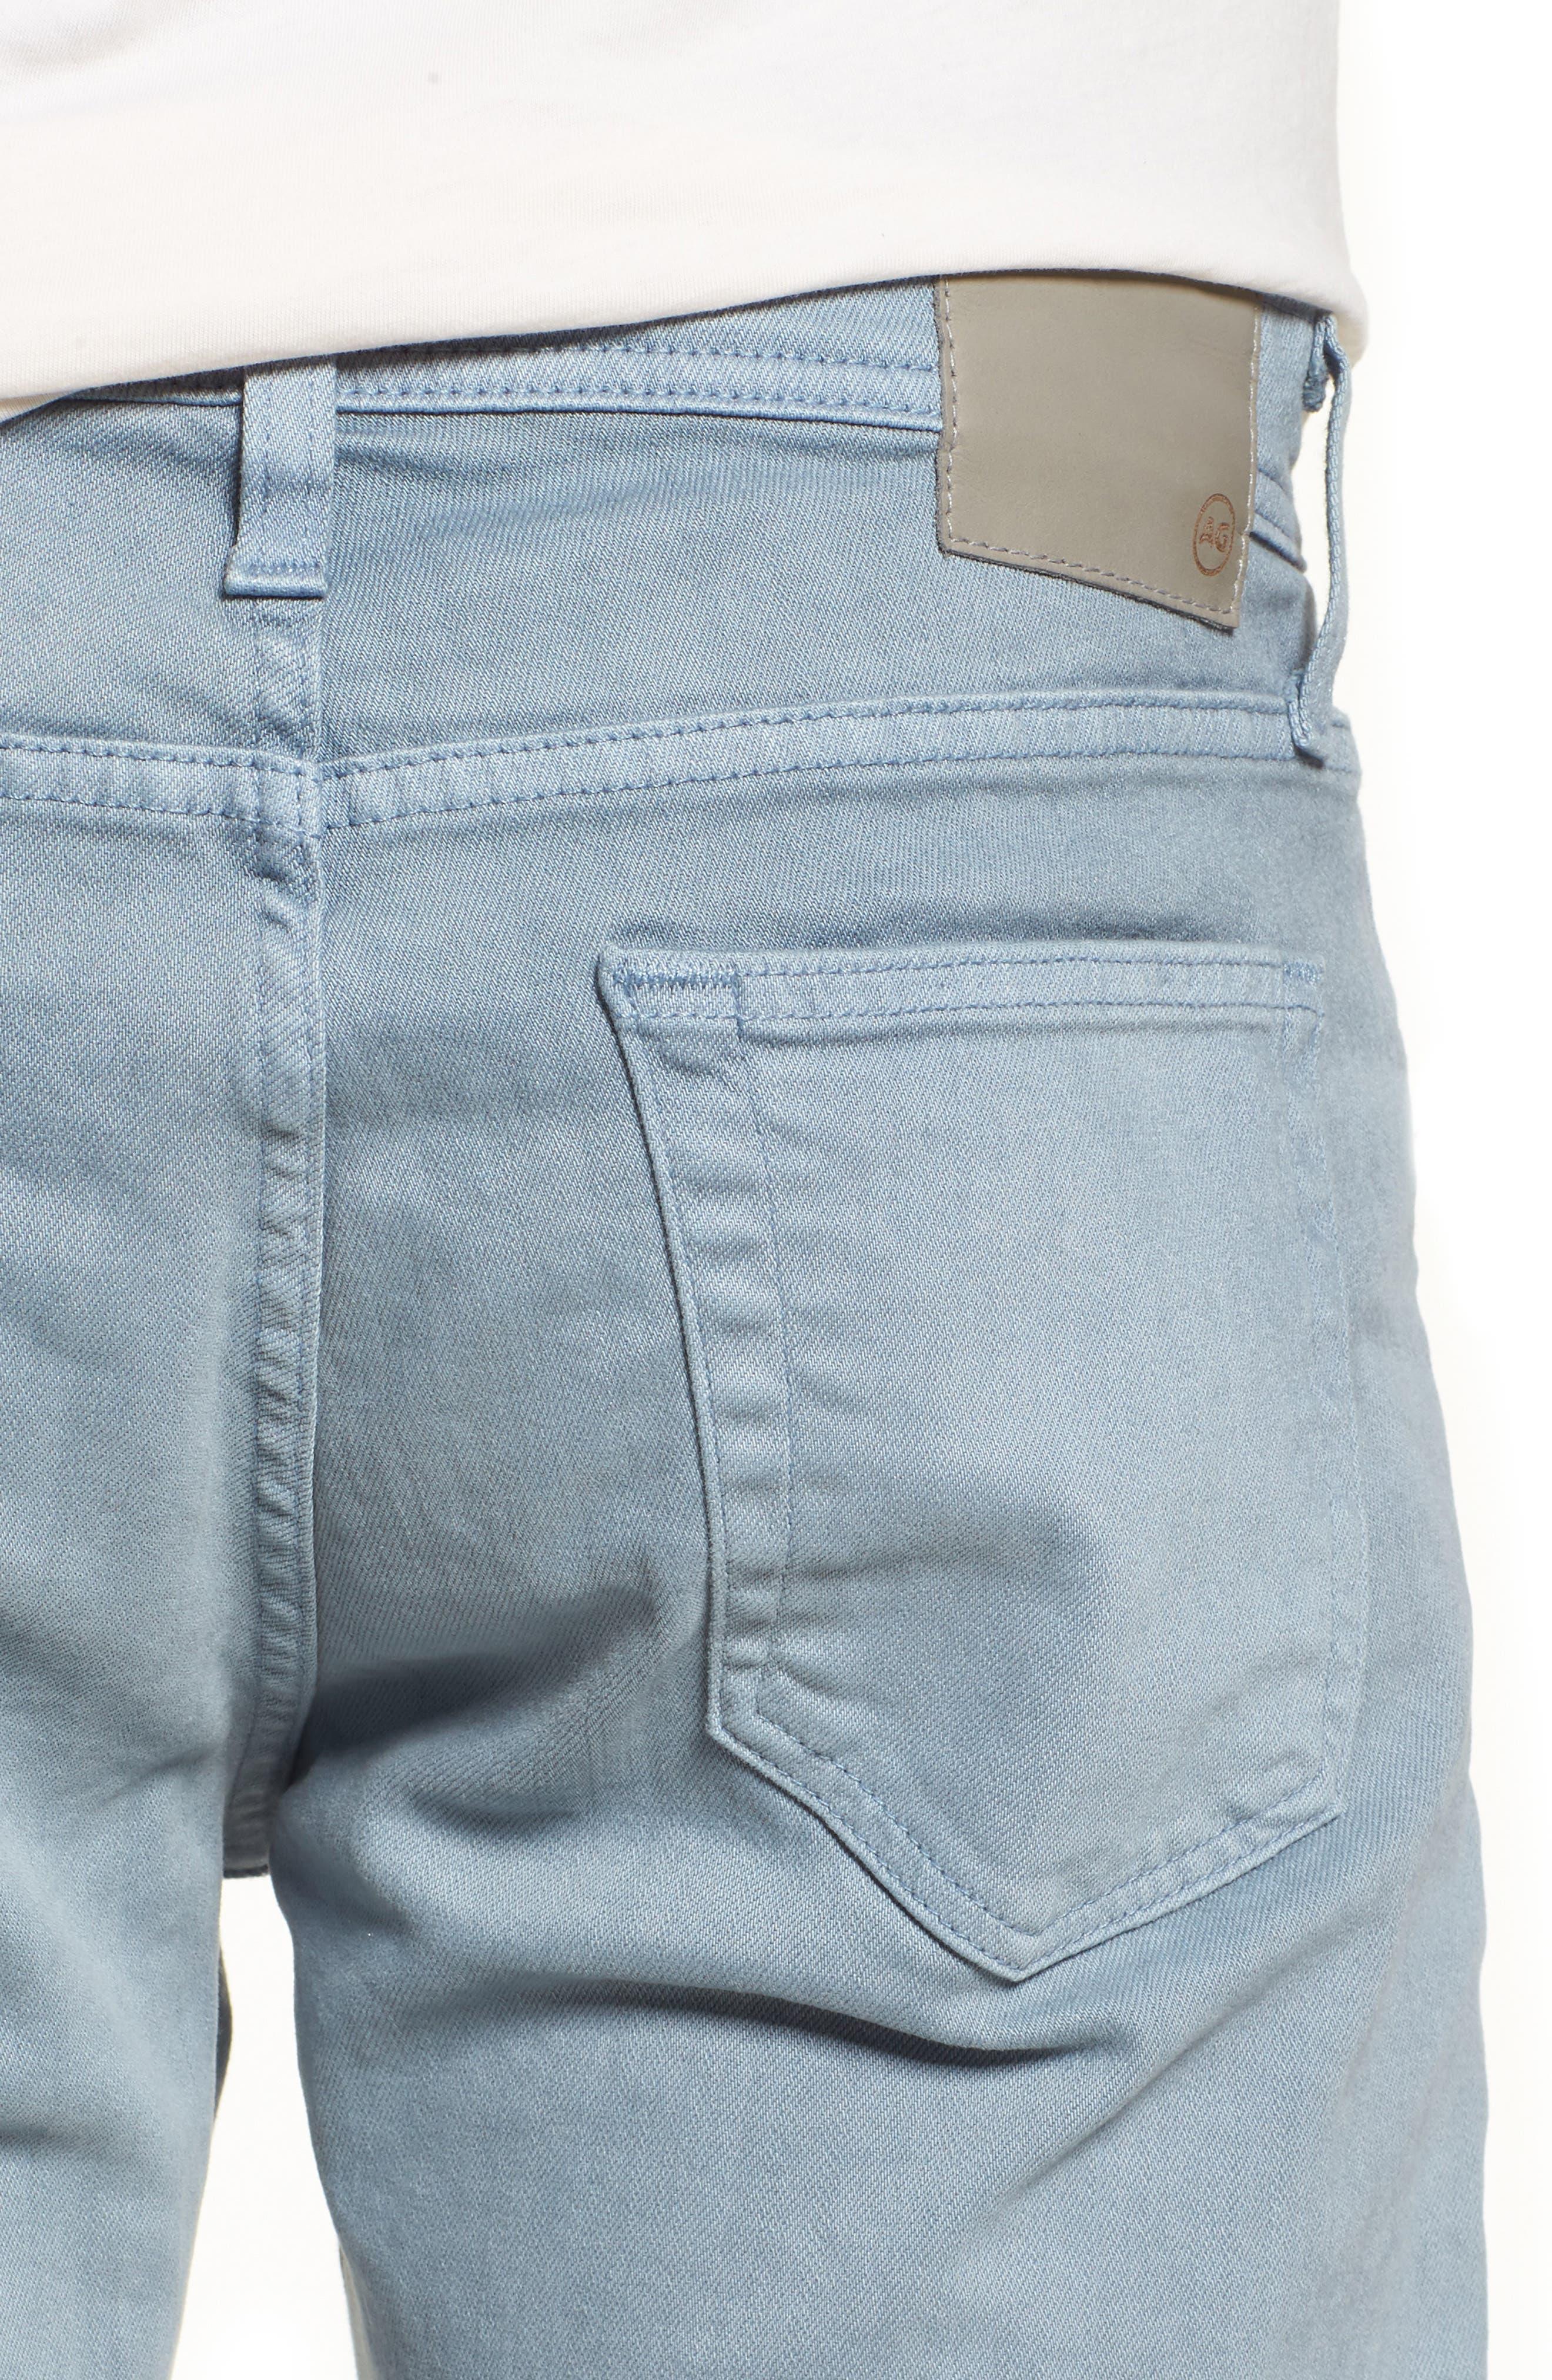 Tellis Slim Fit Jeans,                             Alternate thumbnail 4, color,                             7 Years Ocean Mist